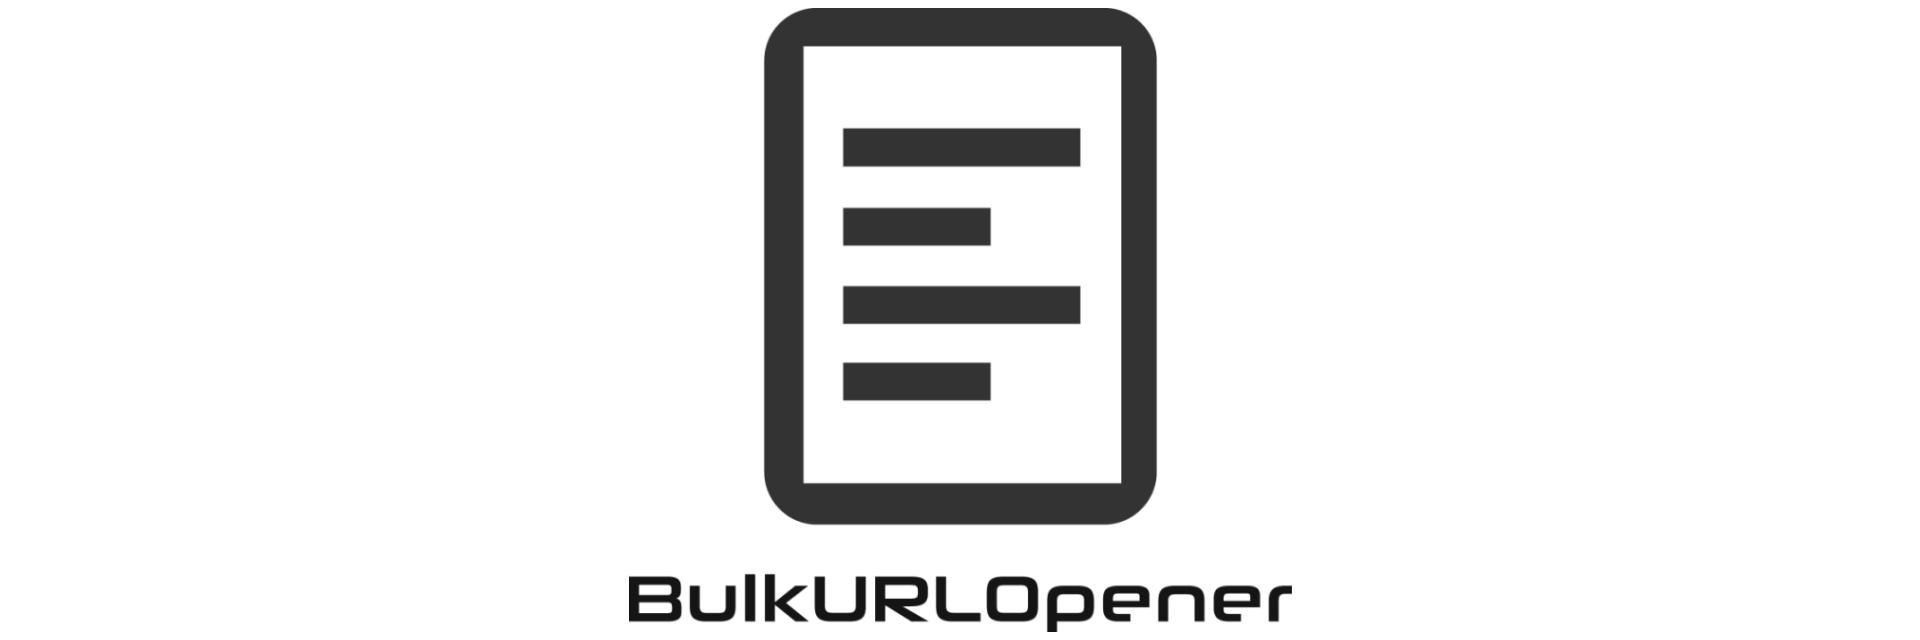 Bulk URL Opener banner